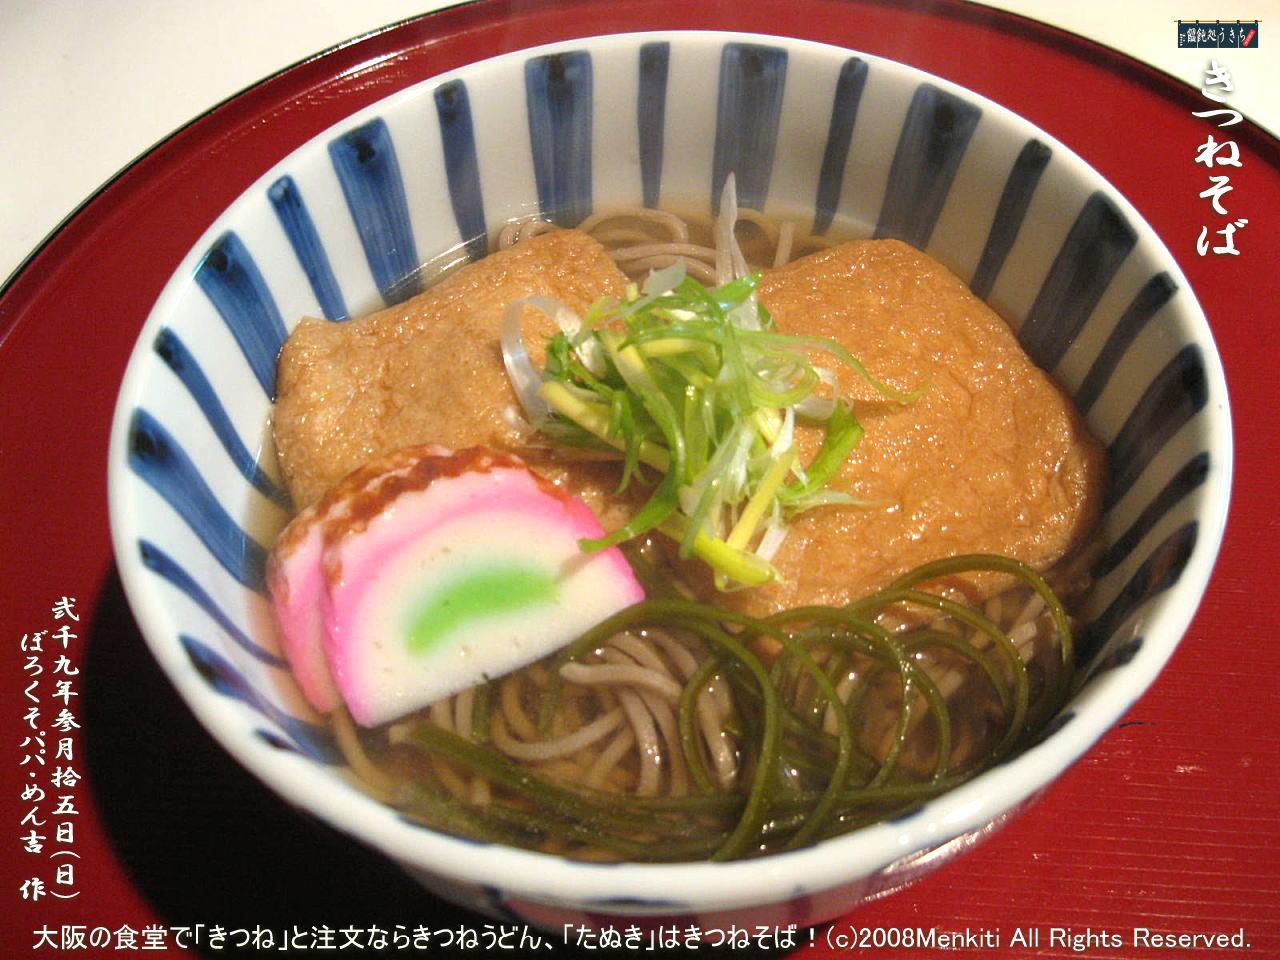 3/15(日)【きつねそば】大阪の大衆食堂で「きつね」と注文すればきつねうどん、「たぬき」ならきつねそば! @キャツピ&めん吉の【ぼろくそパパの独り言】    ▼クリックで1280x960pxlsに拡大します。